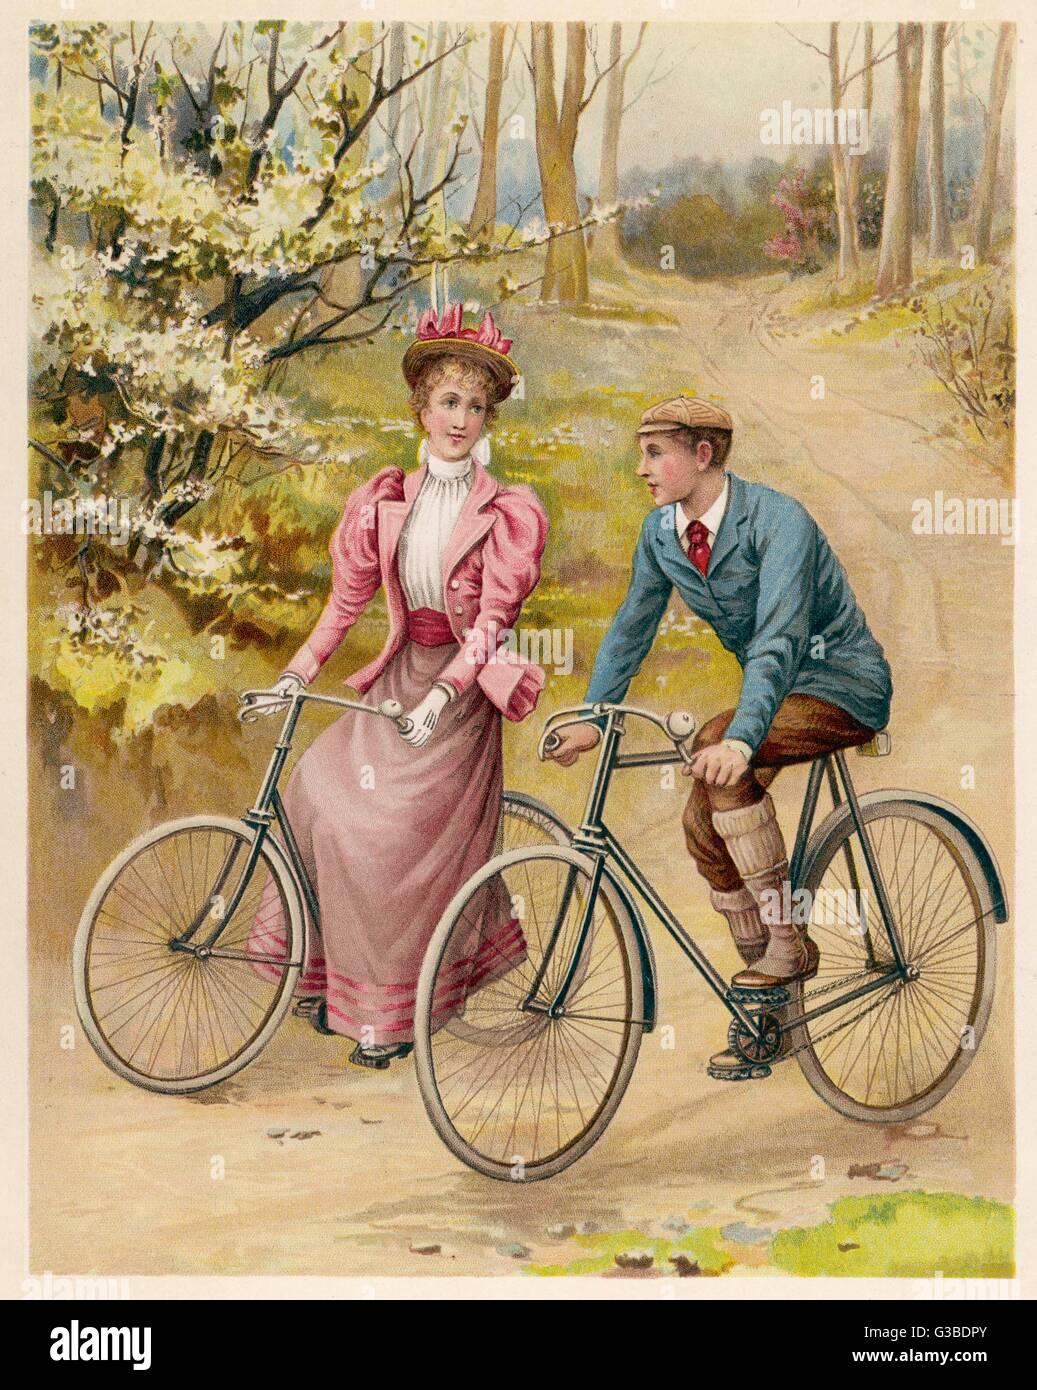 Compañeros de viaje Fecha: circa 1895 Imagen De Stock